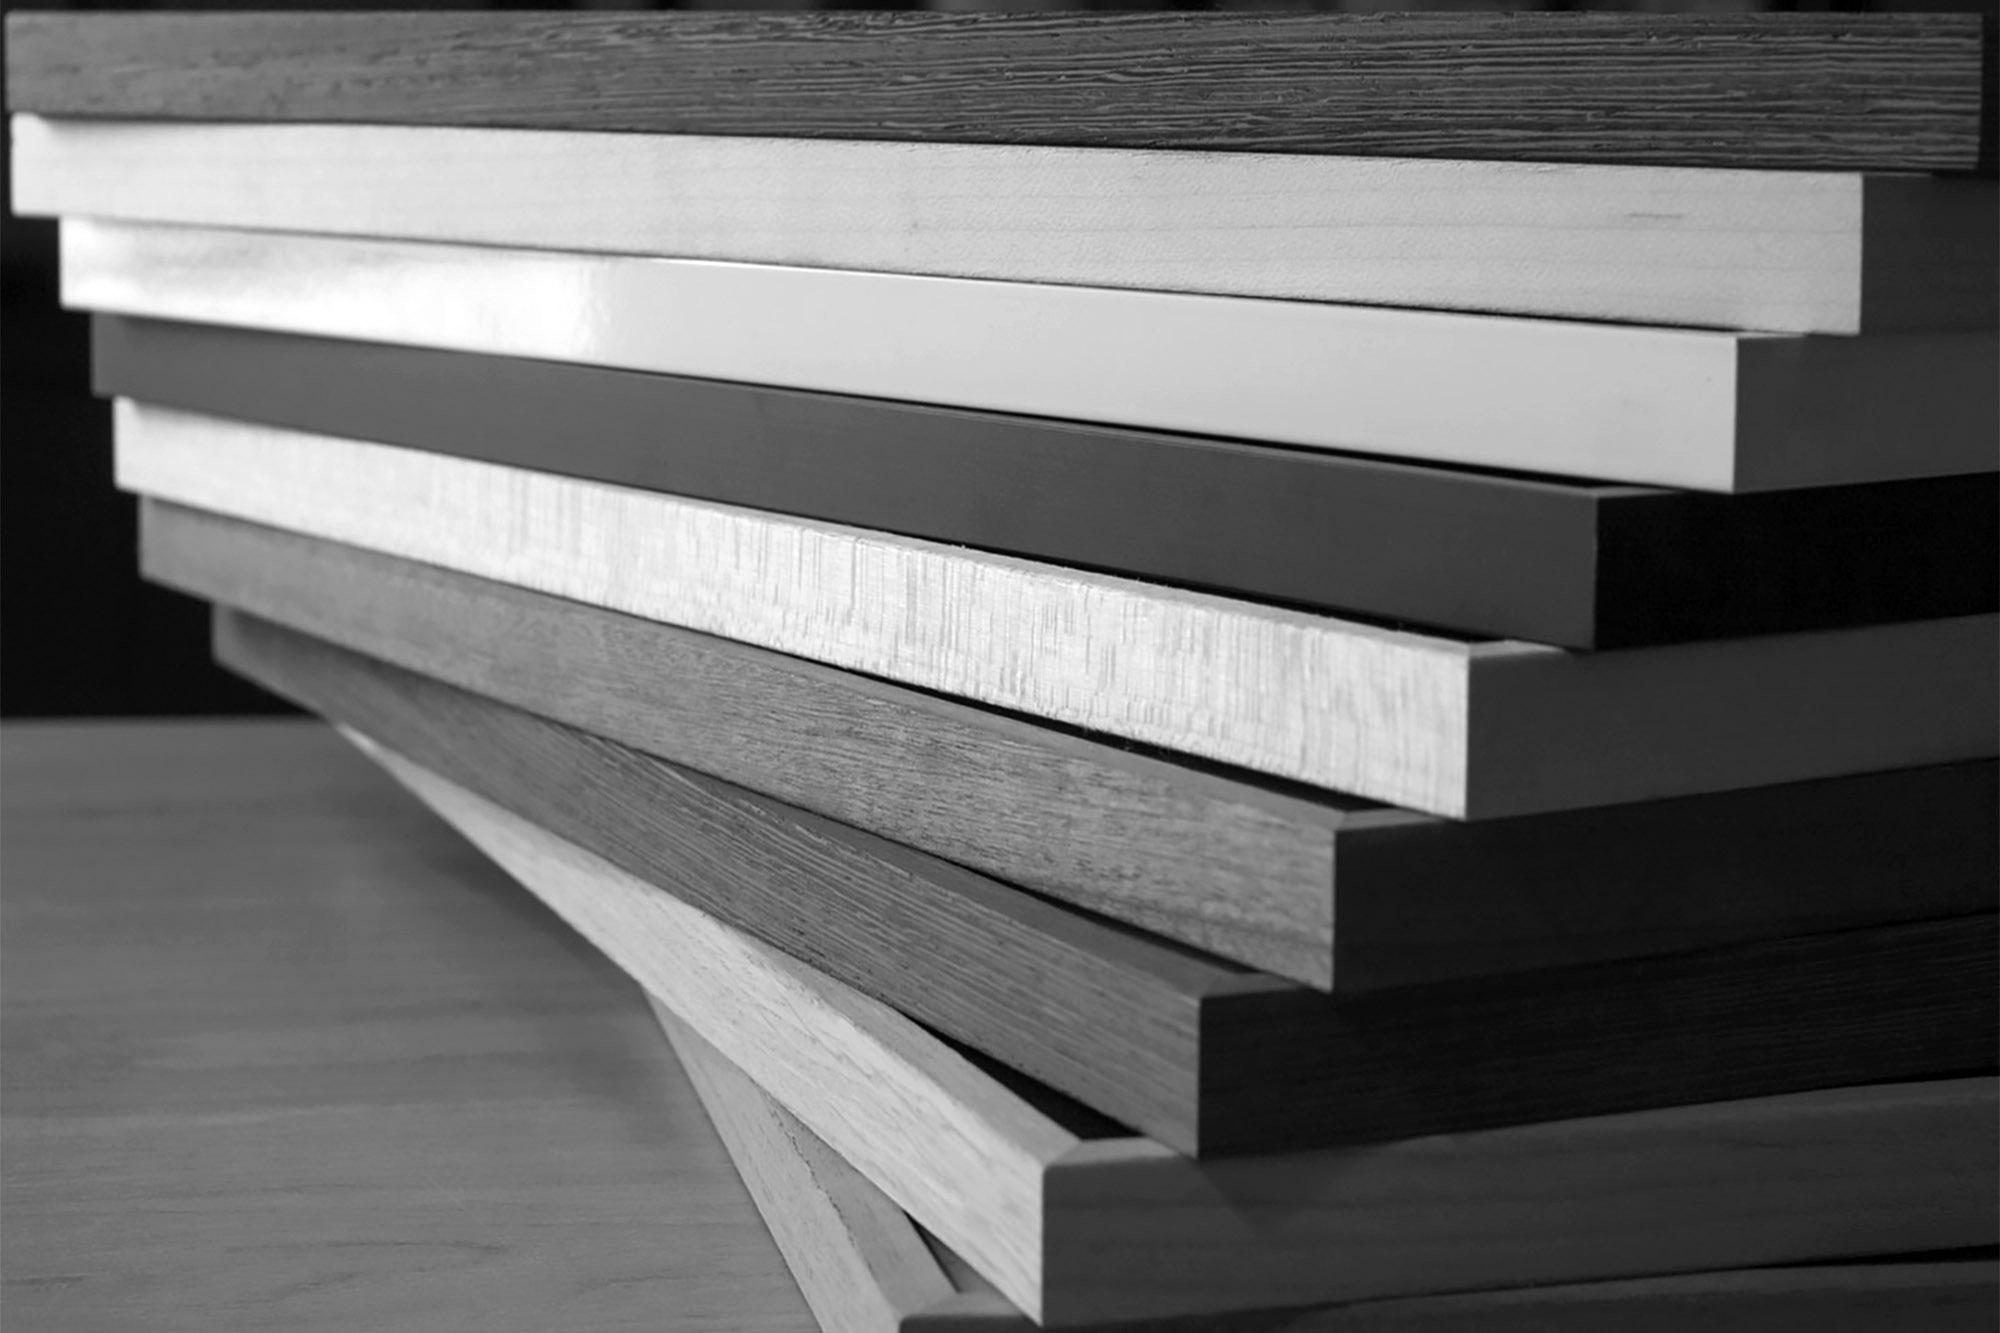 Neess encadrement atelier encadreur cadres formats standards simples peu cher onéreux bois aluminium haute qualité protection conservation verre anti-reflet rapide facile profil bois rue du page Châtelain Bruxelles